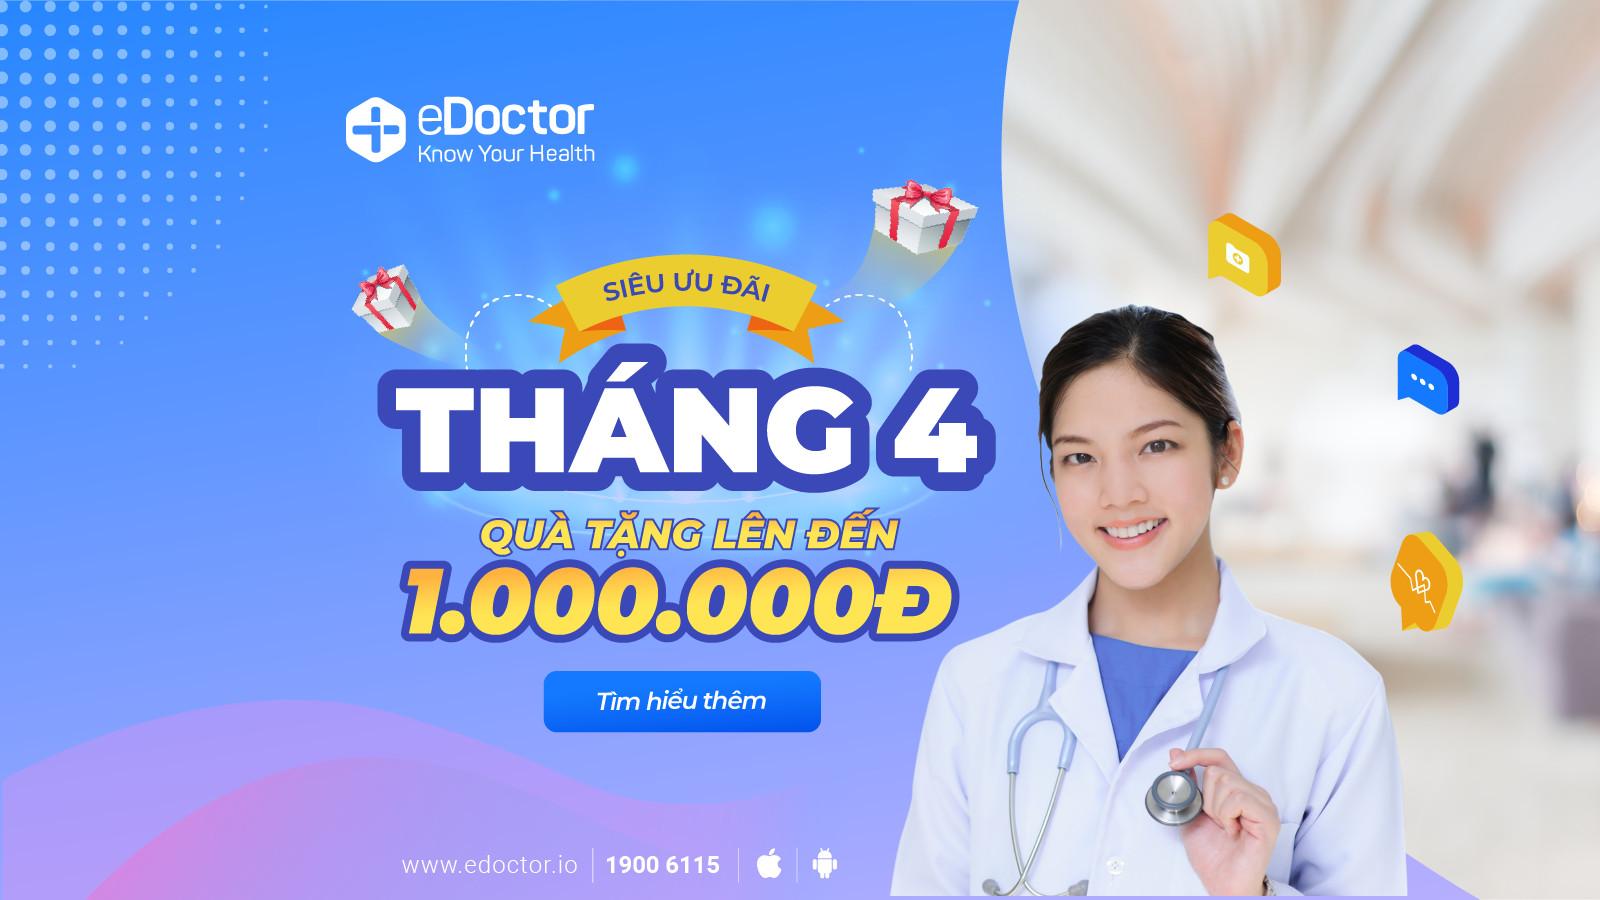 eDoctor - Khám sức khỏe - vui vẻ rinh quà: Nhận ngay quà tặng lên đến 1.000.000 VND